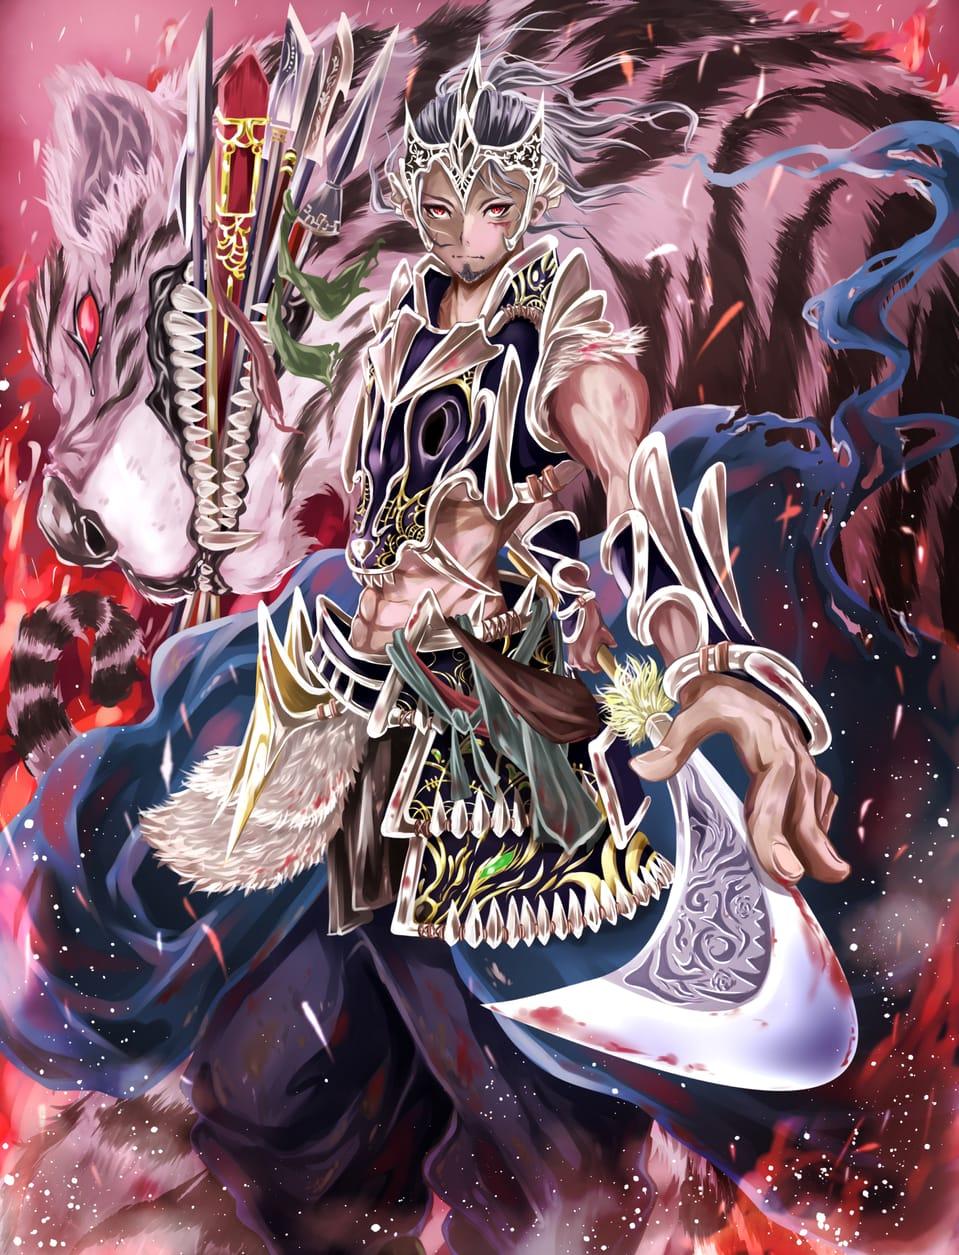 どっかの武将/No Name。 Illust of オニコロシ/生き方/帰り路 original 武器 oc 虎 戦